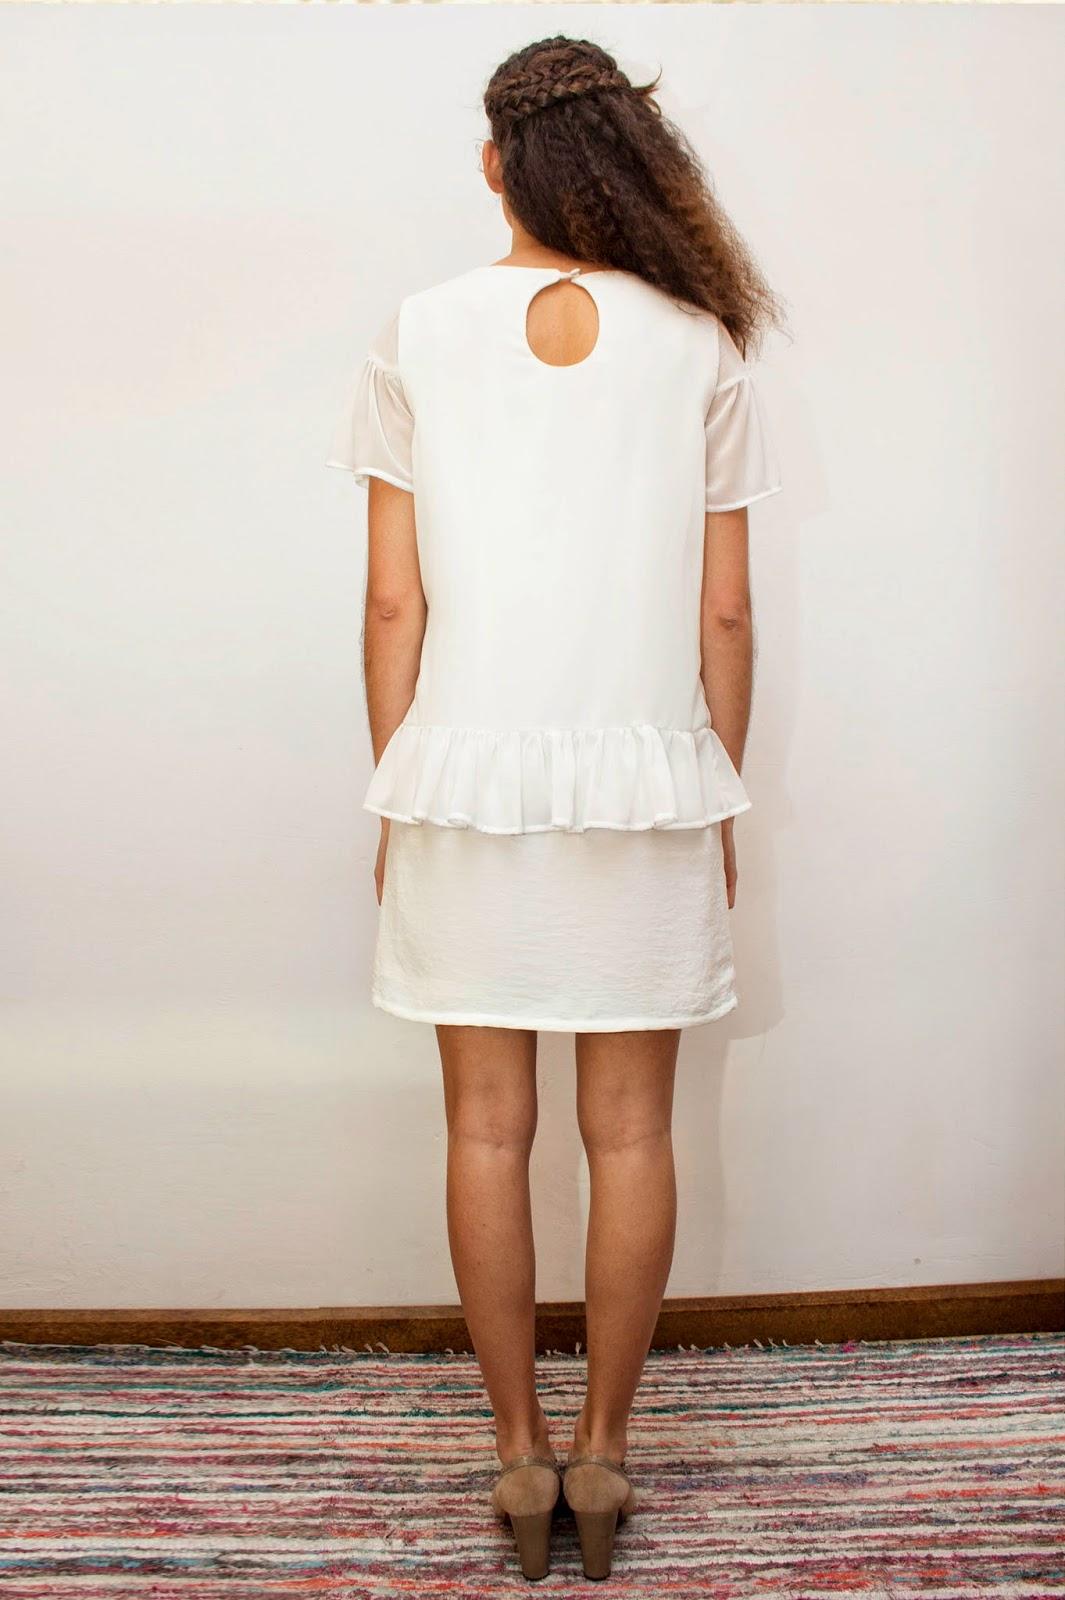 http://labocoqueshop.bigcartel.com/product/vestido-bazille#.U2zT66K1vA4